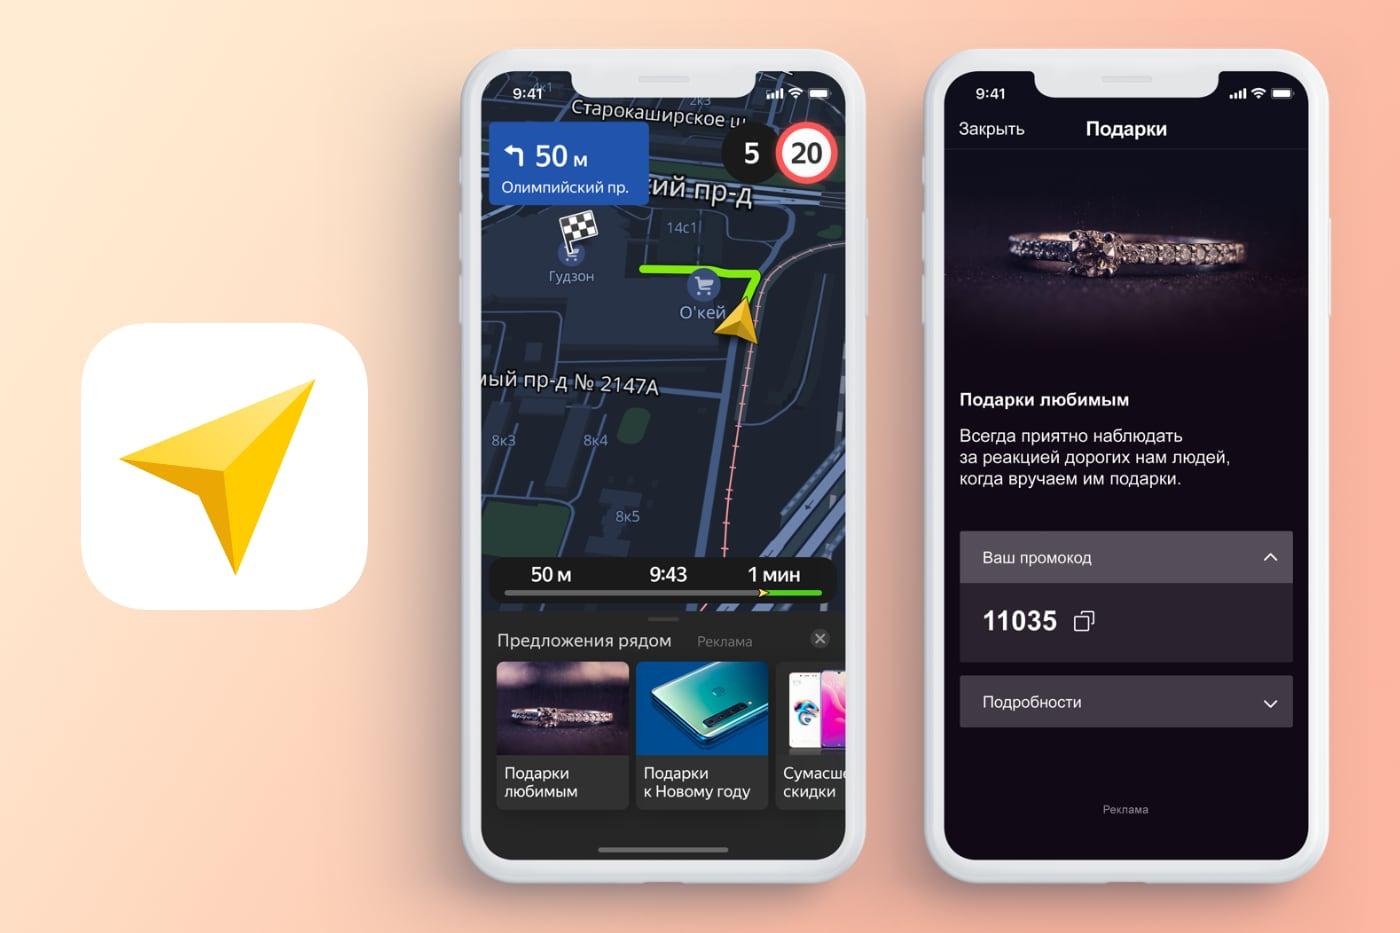 В Яндекс.Навигаторе больше нельзя отключать рекламу. Она будет показываться всегда